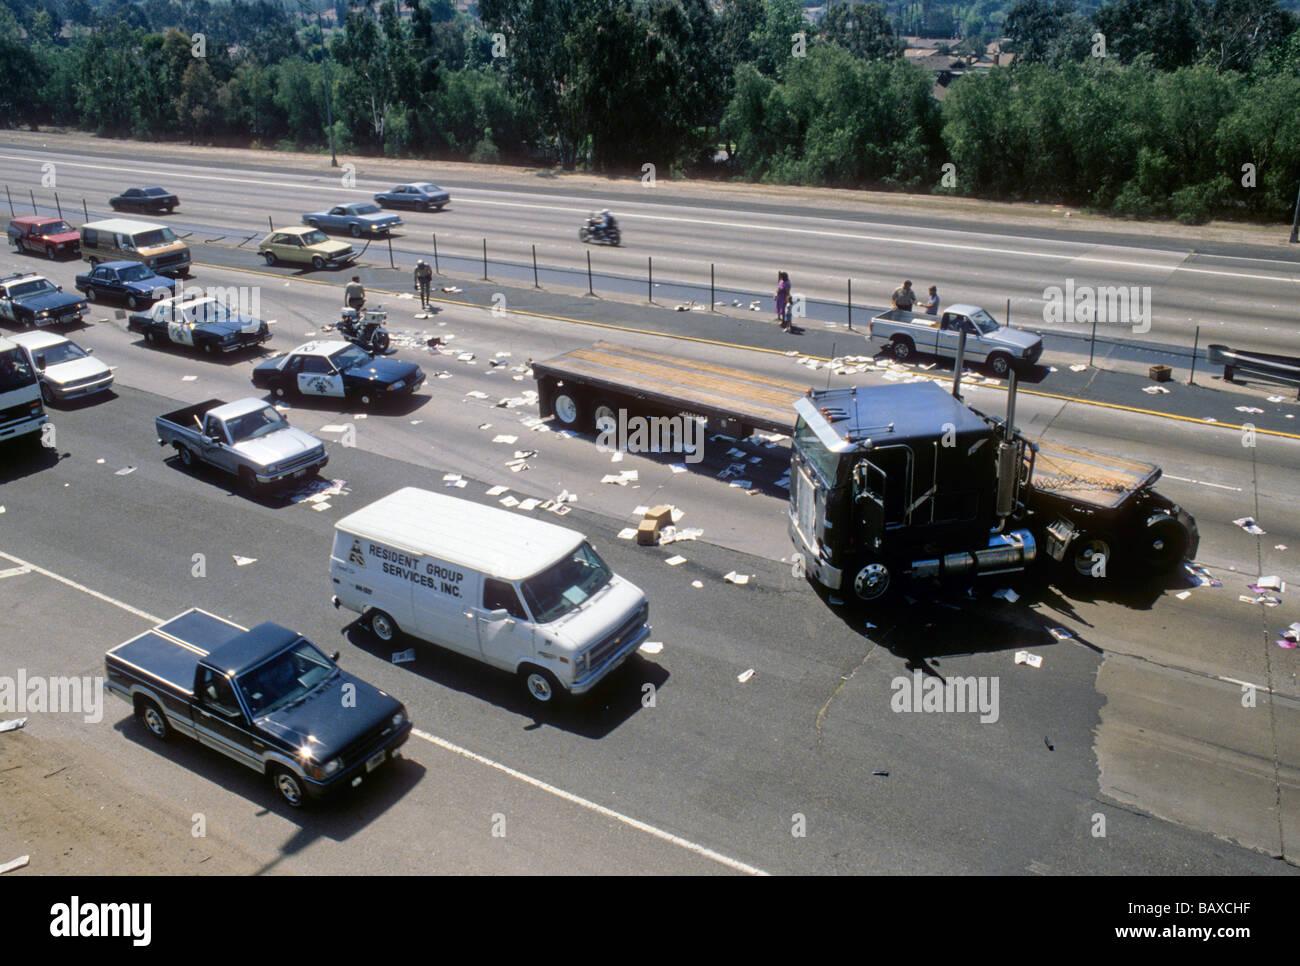 Accident de la route autoroute accident de la circulation de